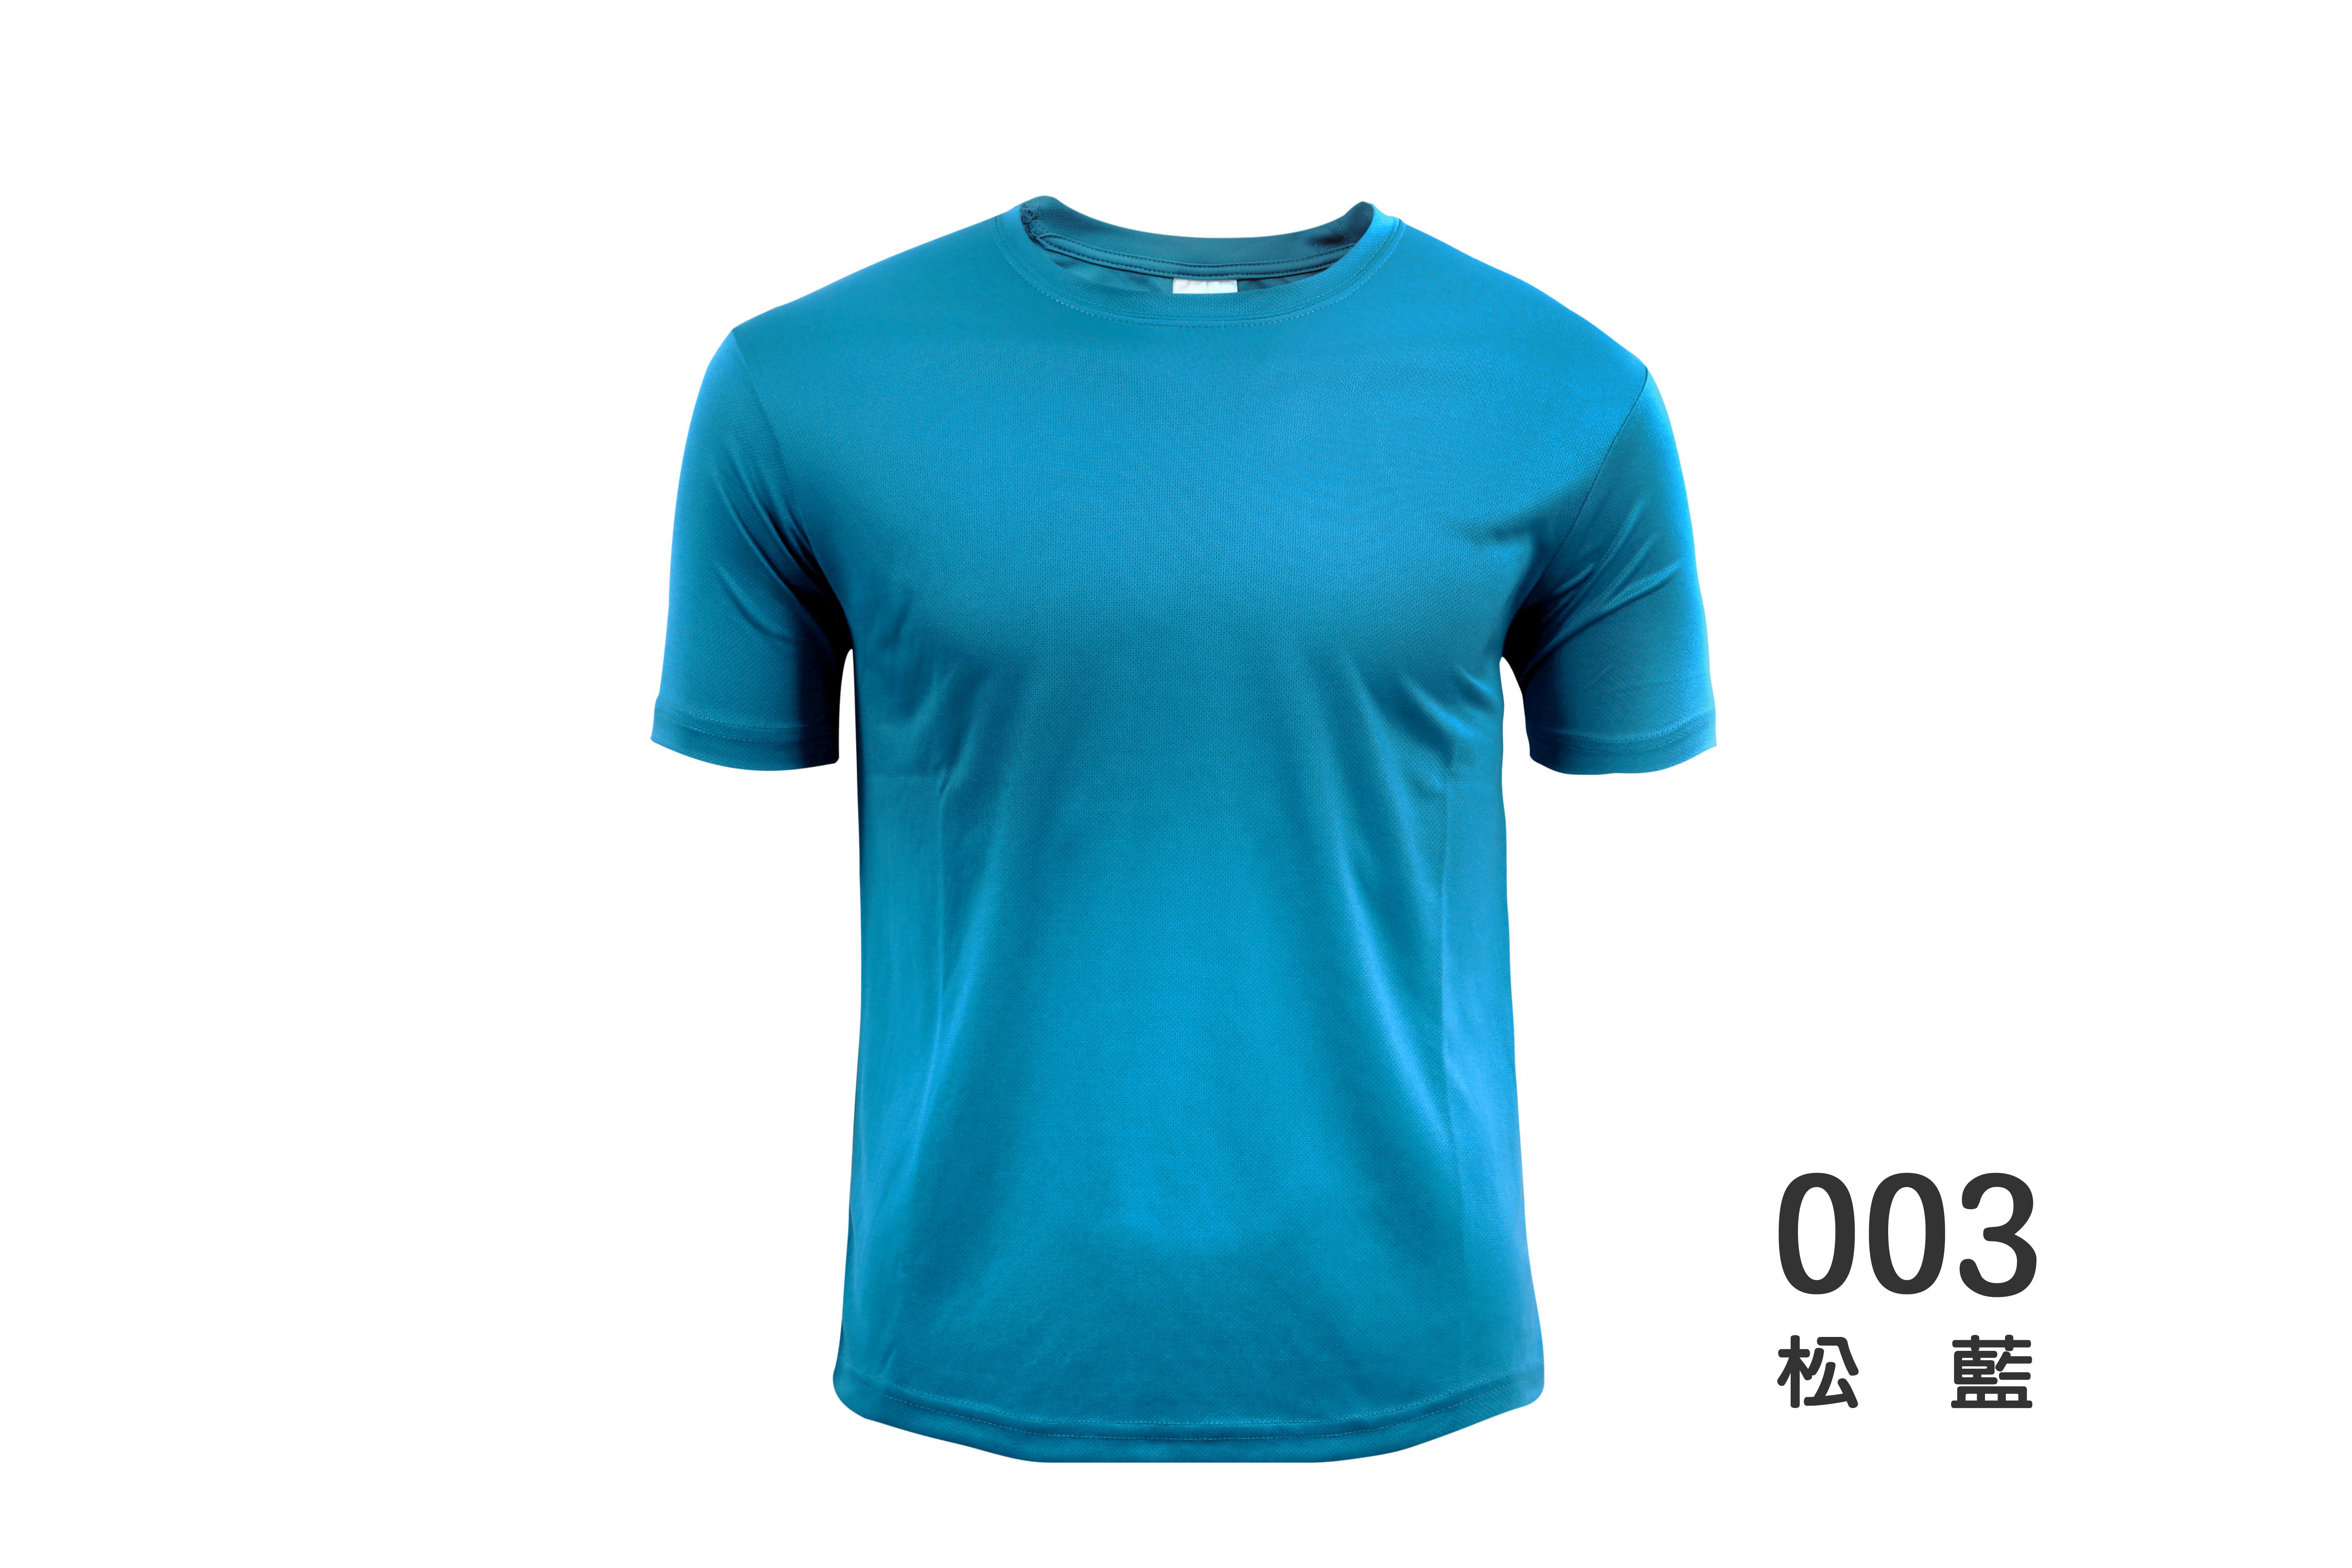 003松藍-1-01